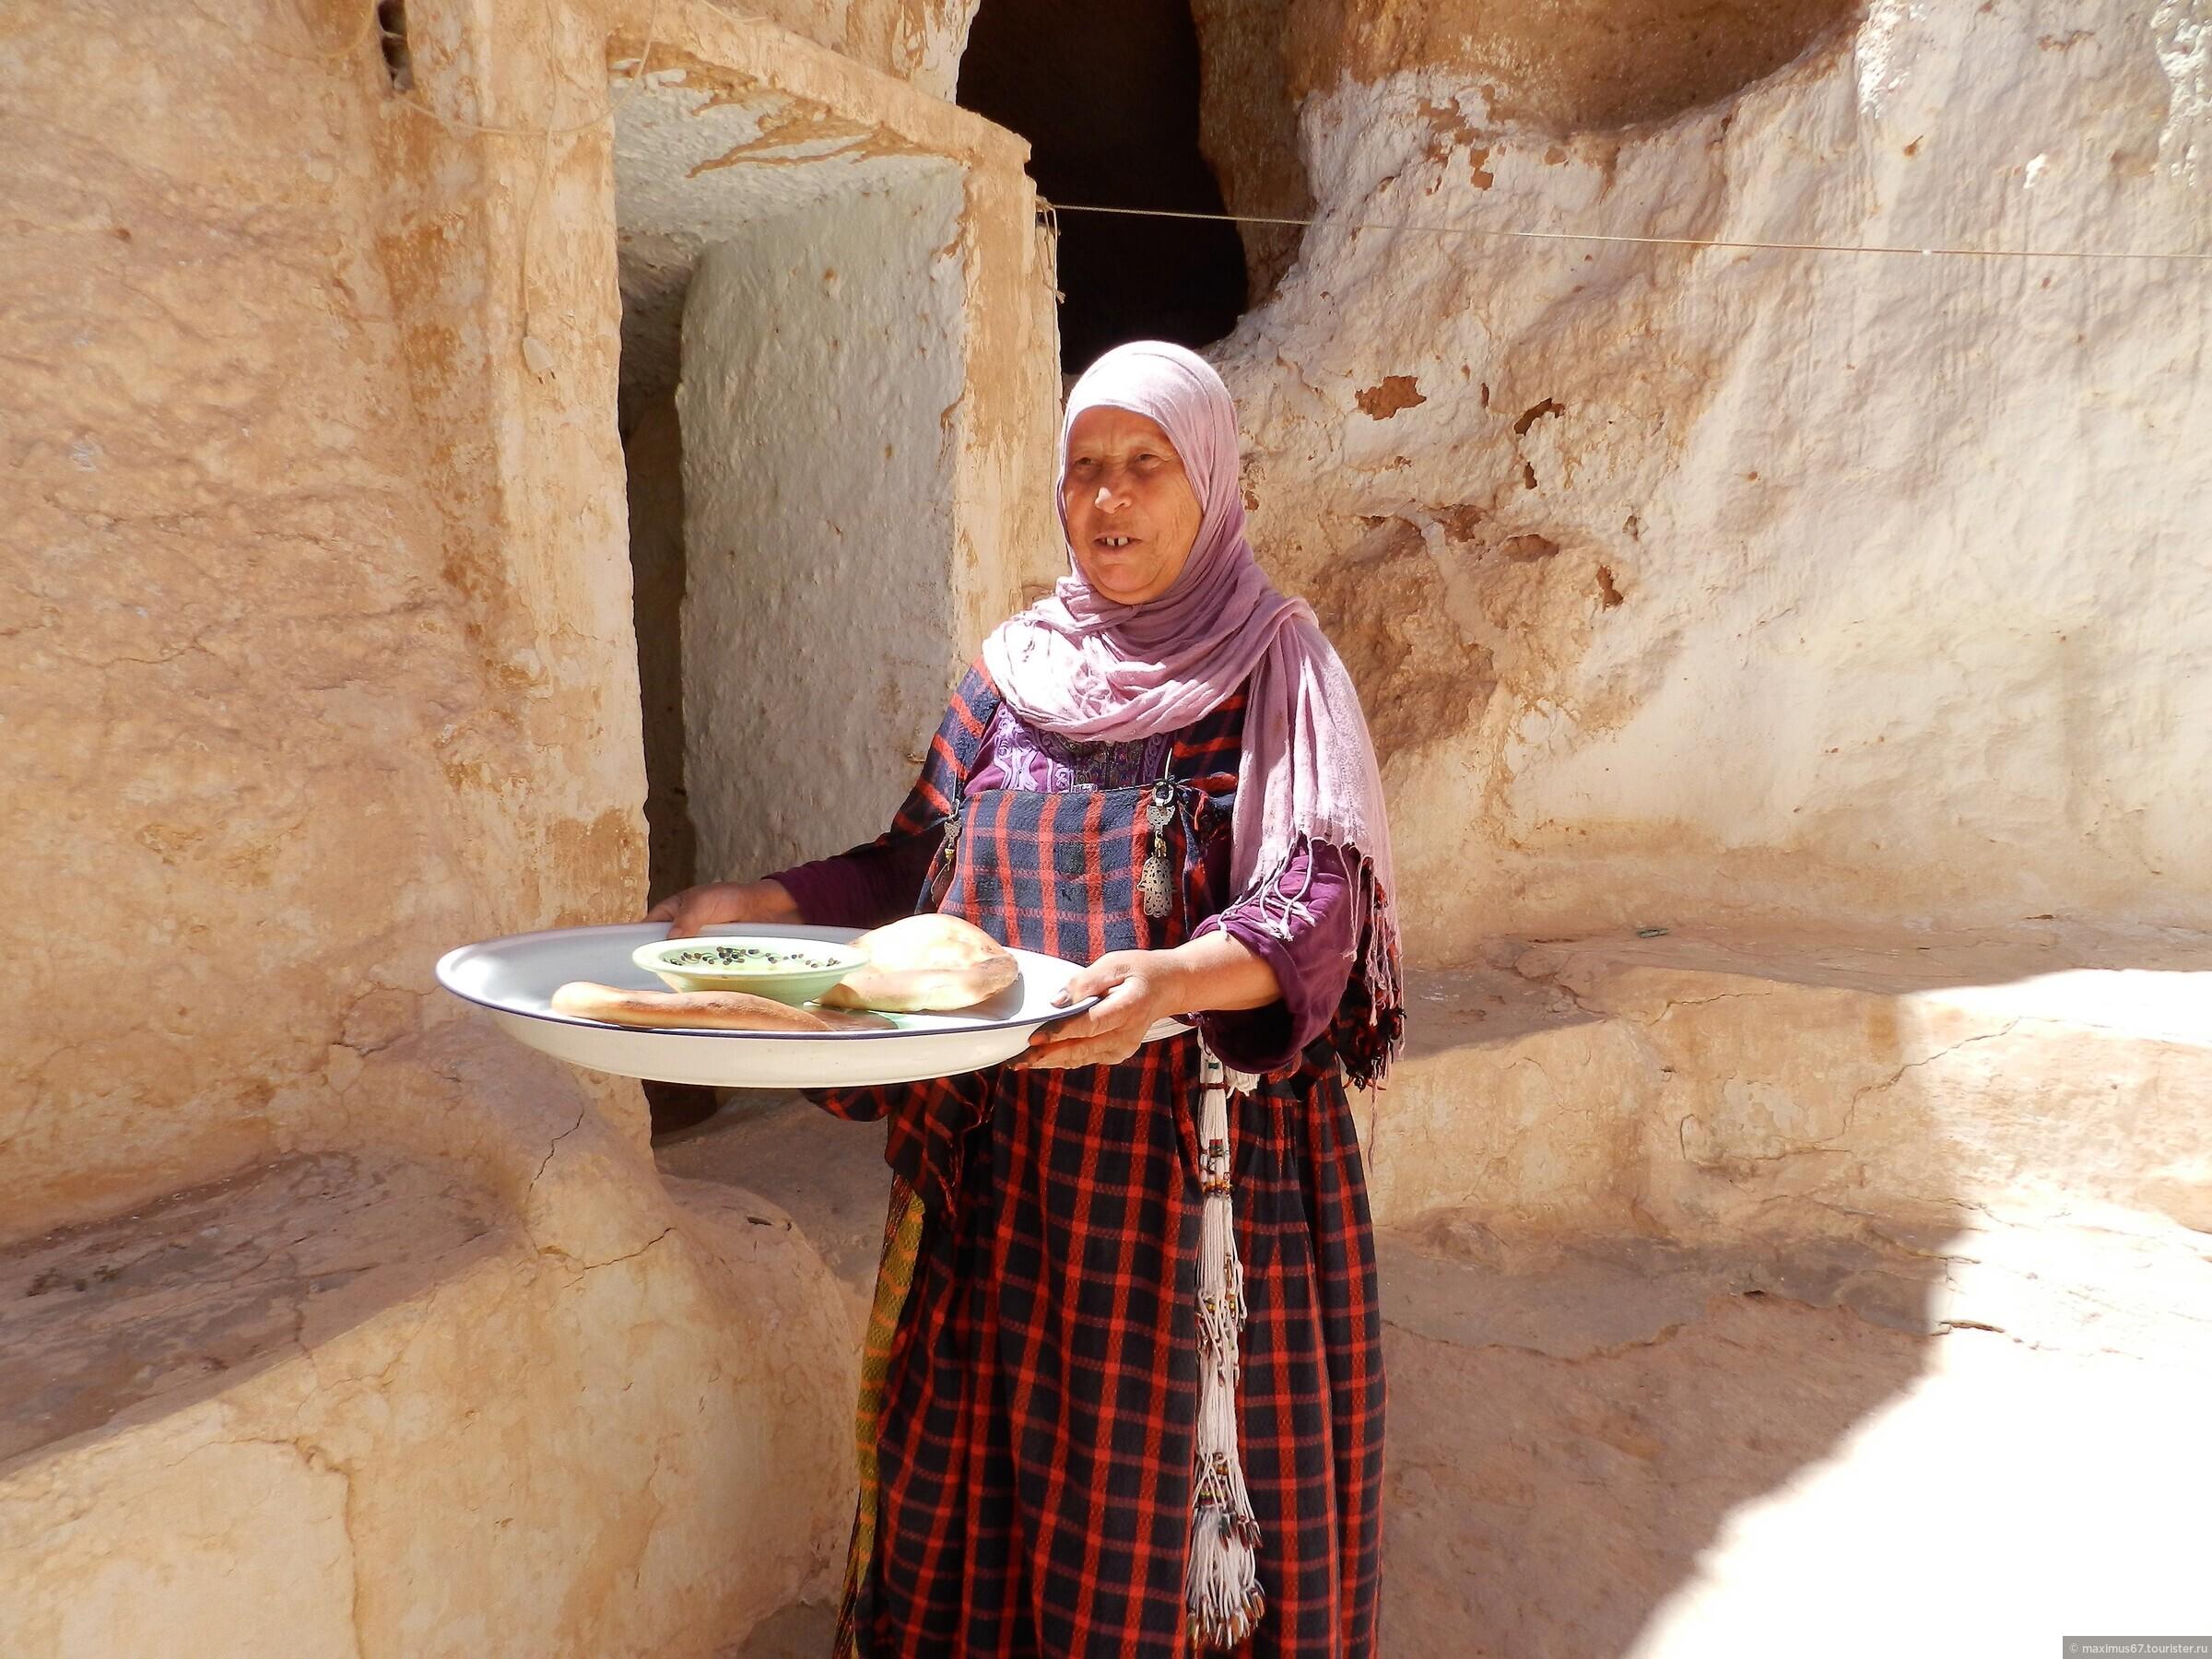 Экскурсия в Сахару. Ч - 2. В гостях у бабушки-троглодитки